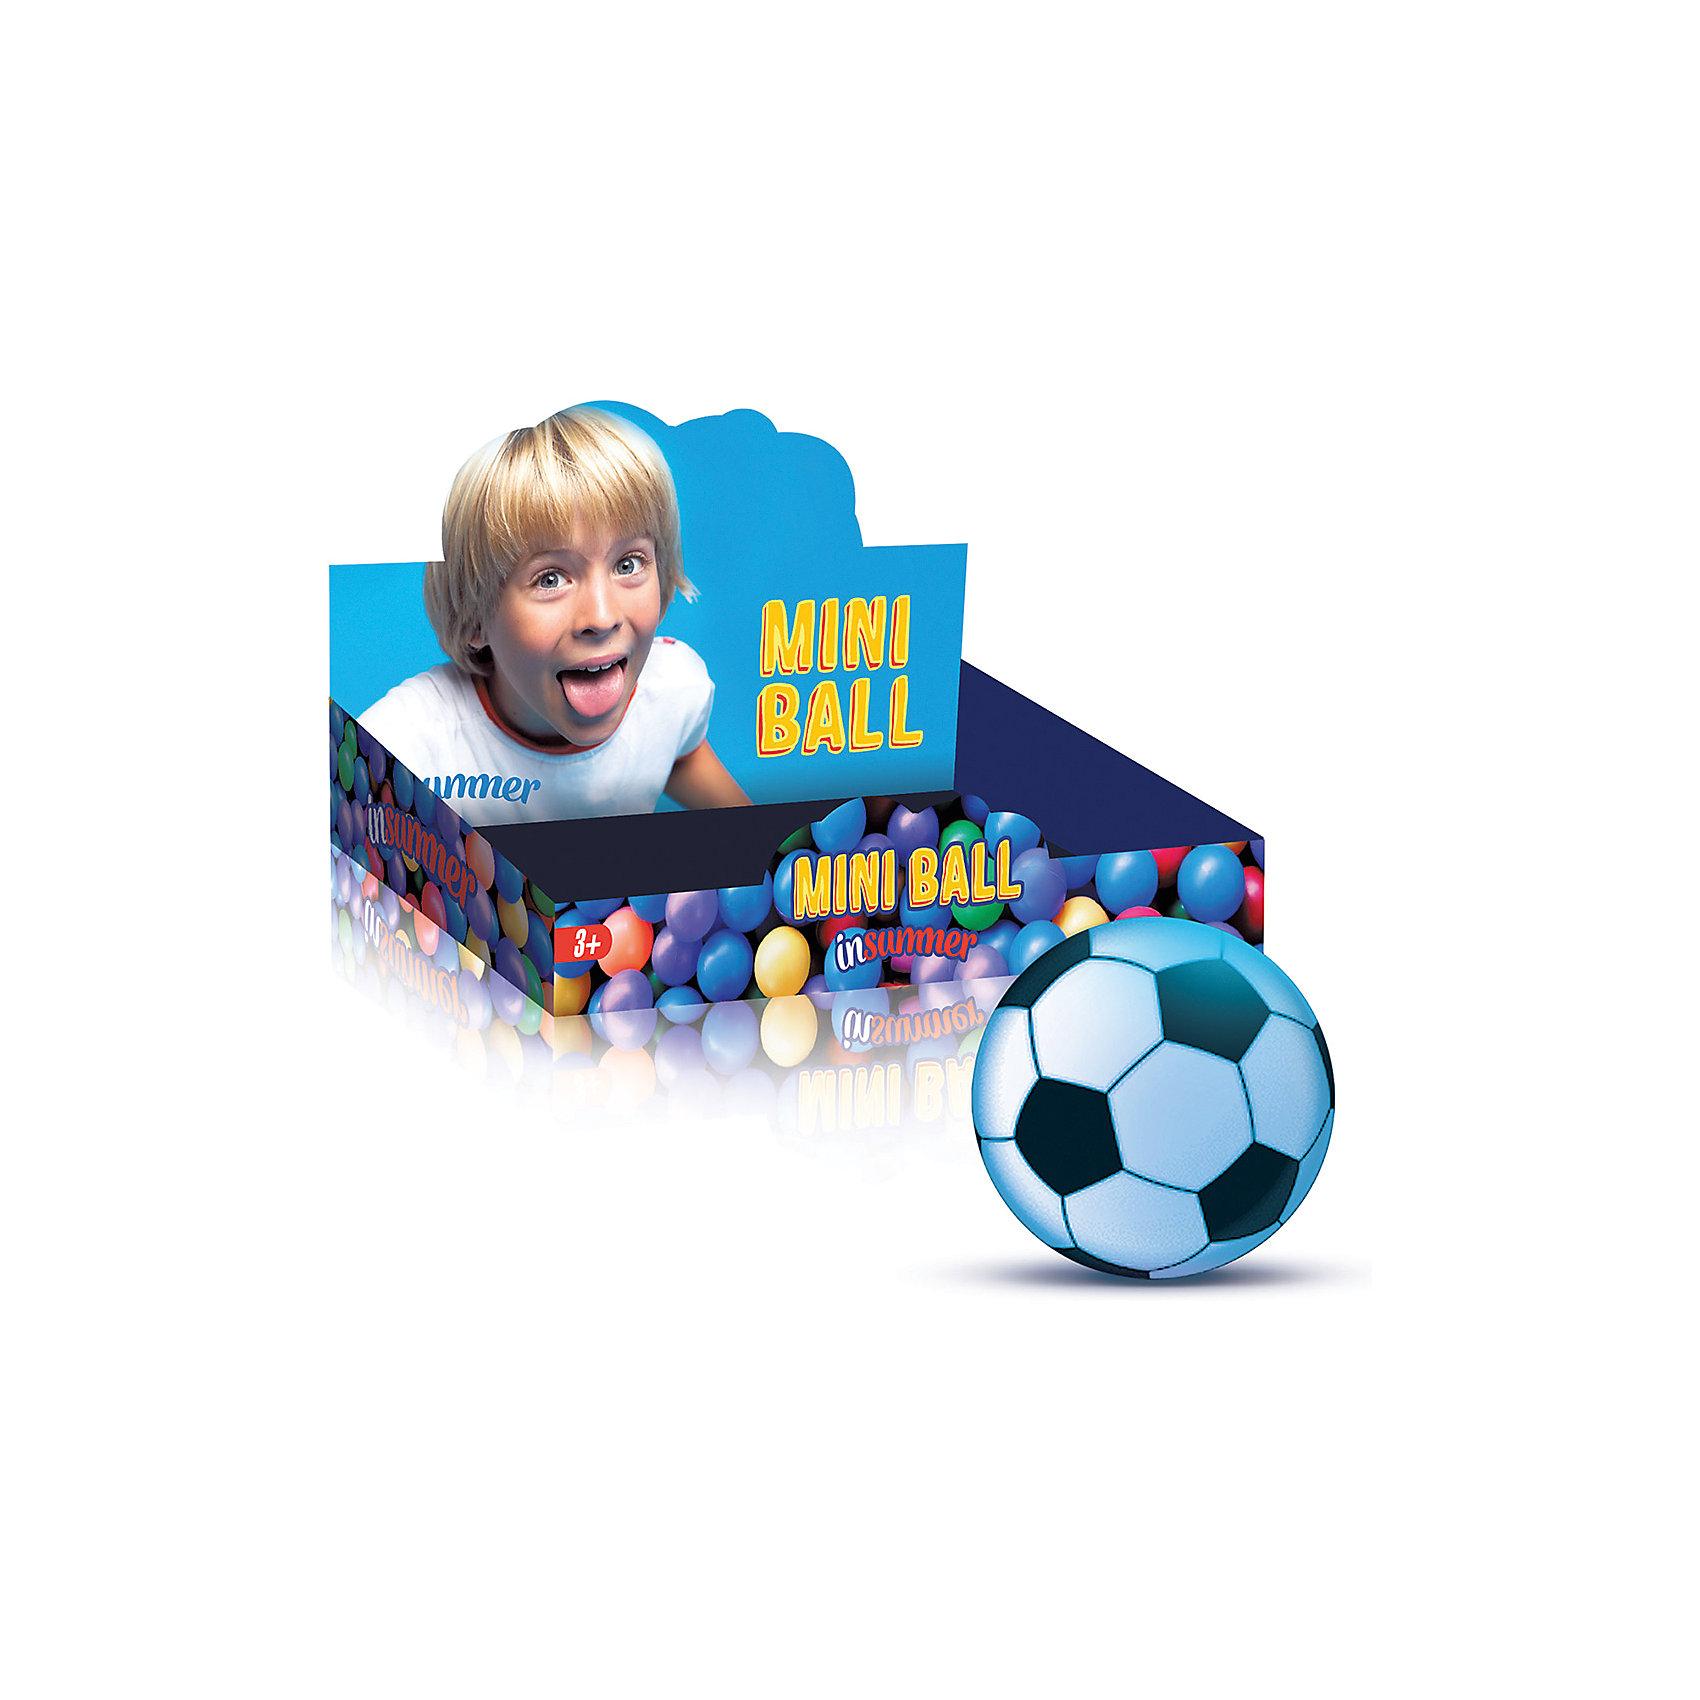 Мини-мяч Спорт 5 см со светом (в дисплее), ЛетоАктивные игры<br><br><br>Ширина мм: 35<br>Глубина мм: 800<br>Высота мм: 320<br>Вес г: 100<br>Возраст от месяцев: 36<br>Возраст до месяцев: 144<br>Пол: Унисекс<br>Возраст: Детский<br>SKU: 4753590